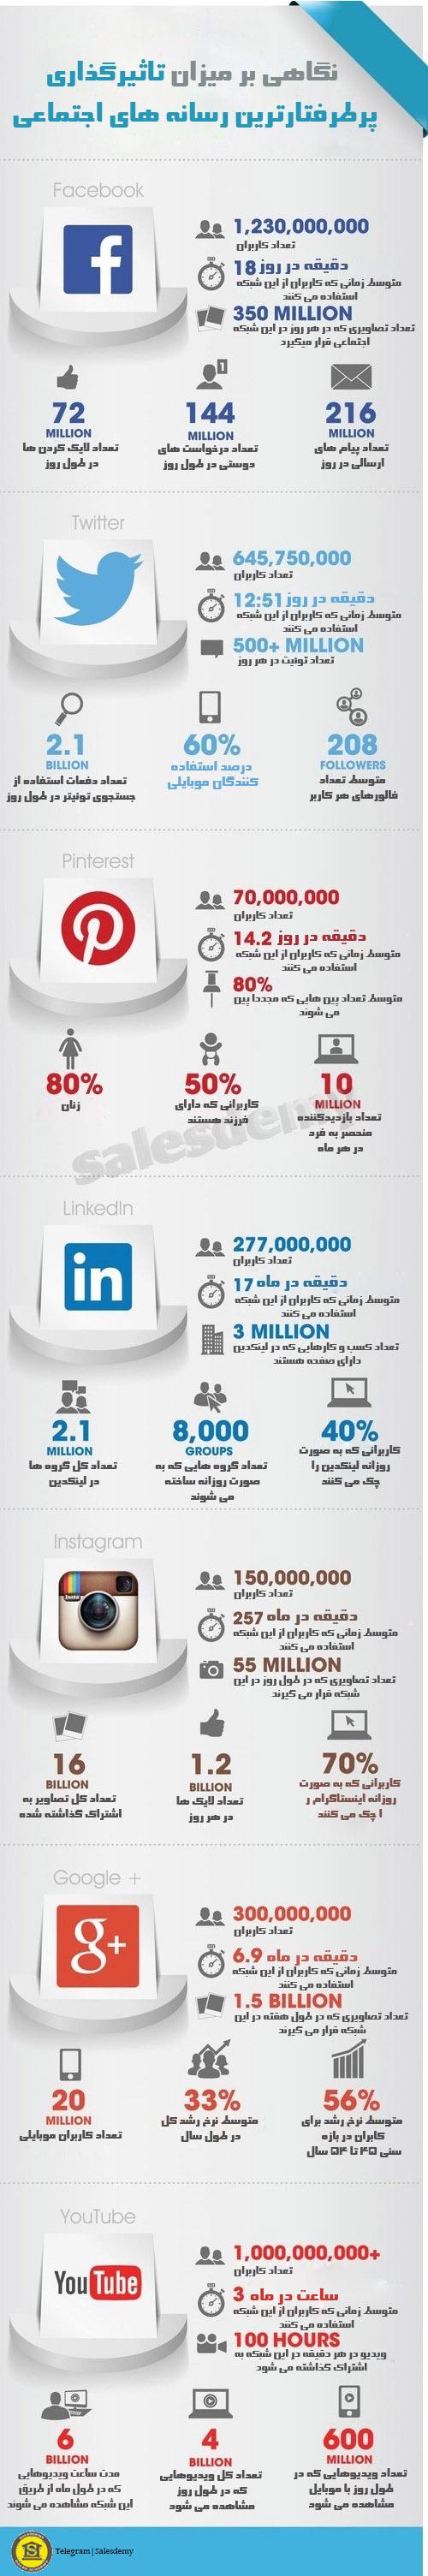 نگاهی بر پرطرفتارترین رسانه های اجتماعی